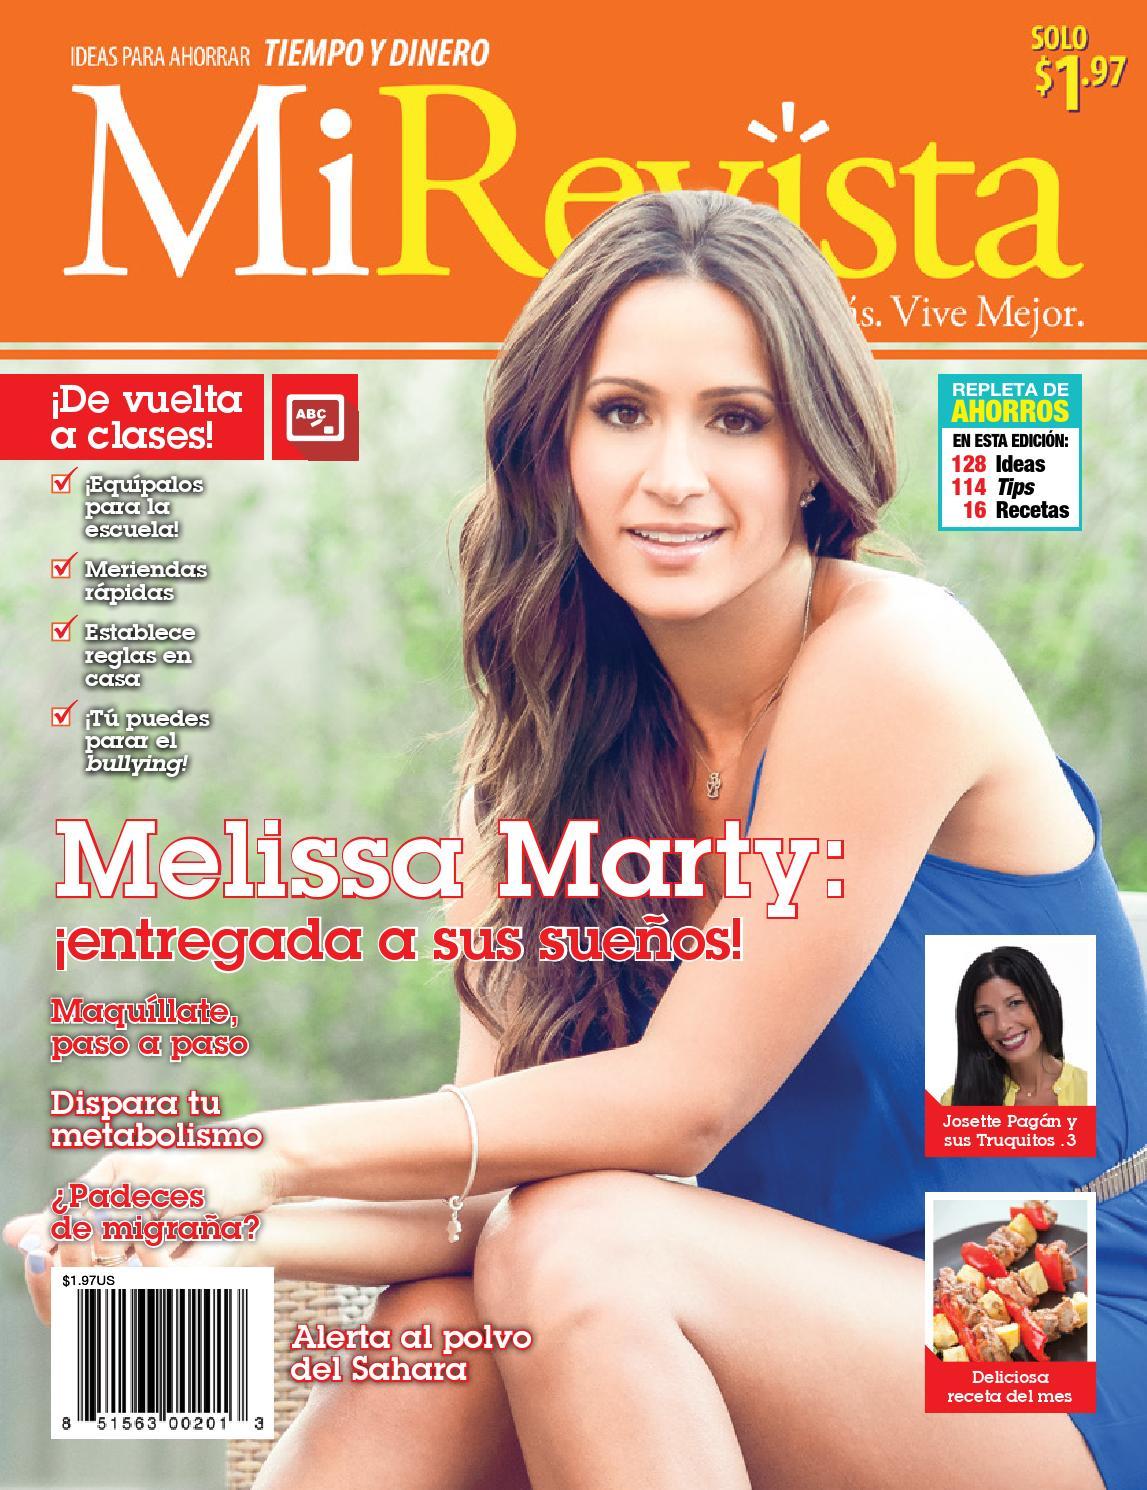 Mi Revista July 2014 by Counterparts Media - issuu e4021cd0ce6